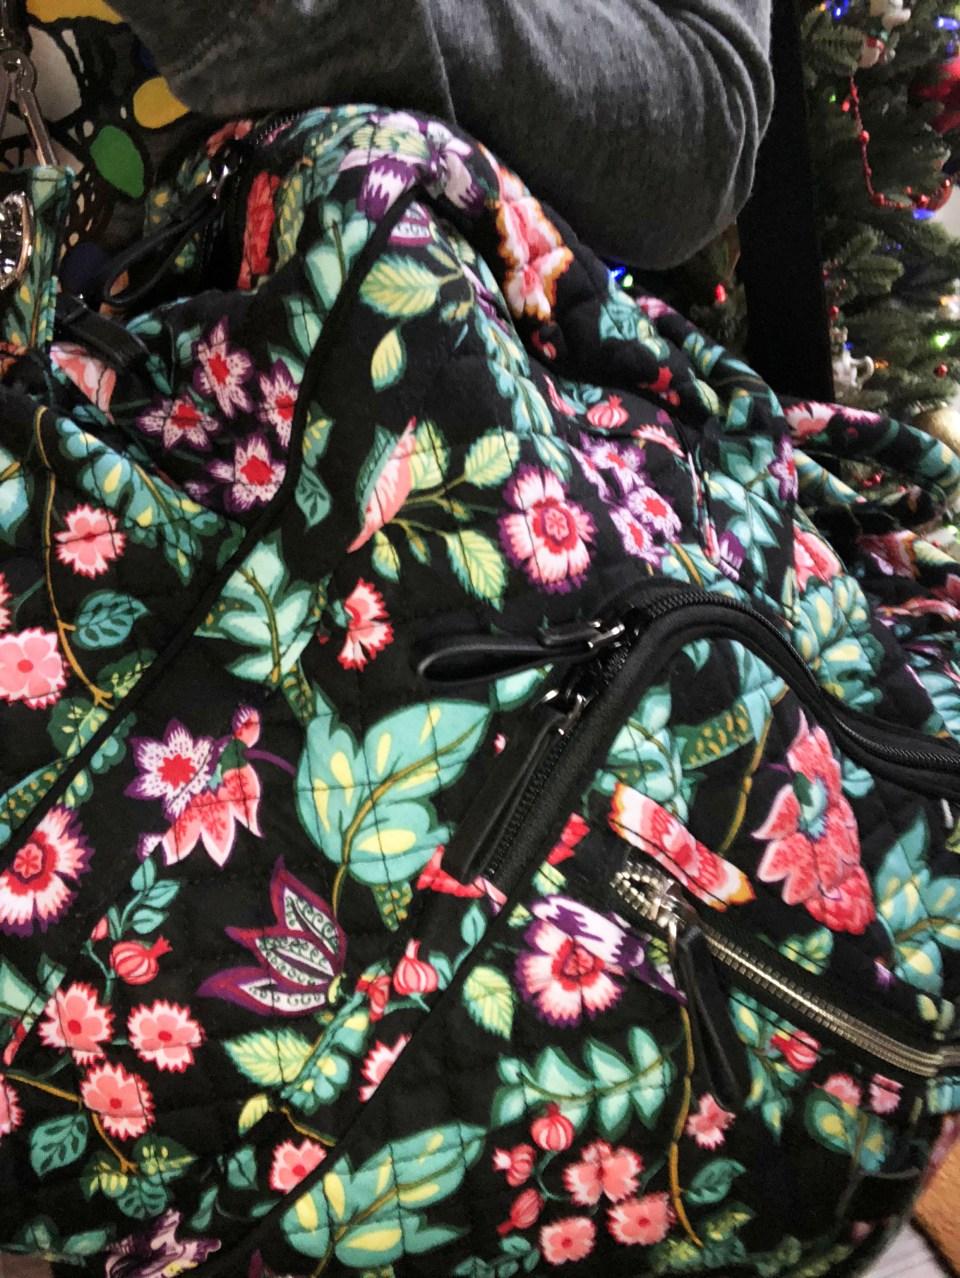 Vera Bradley - Iconic Weekender Travel Bag 5